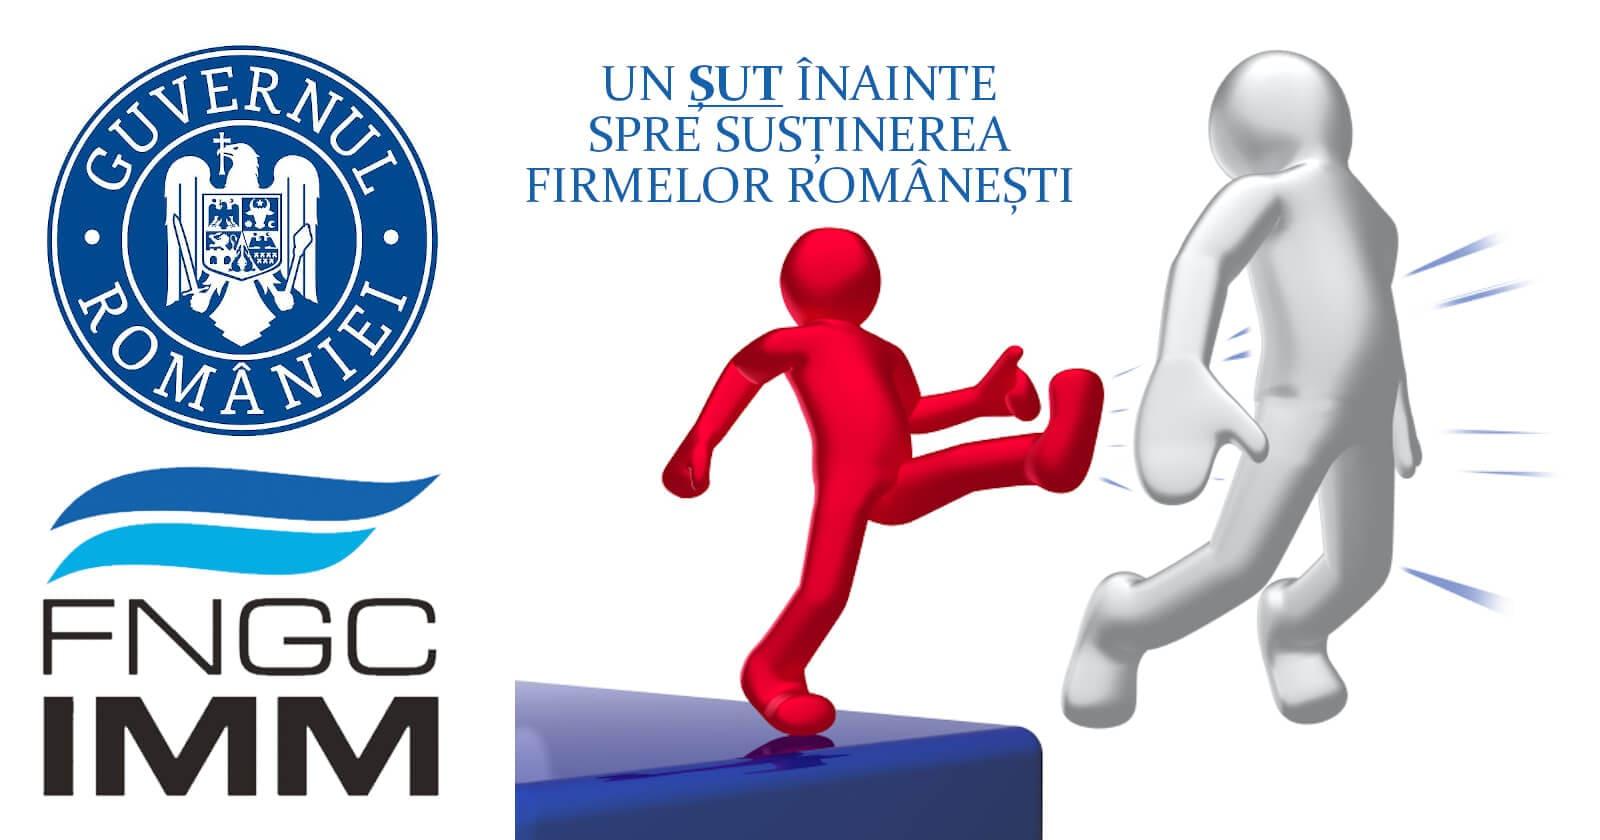 https://ziarul.romania-rationala.ro/control/articole/articole/imm-invest-gluma-electorala.jpg